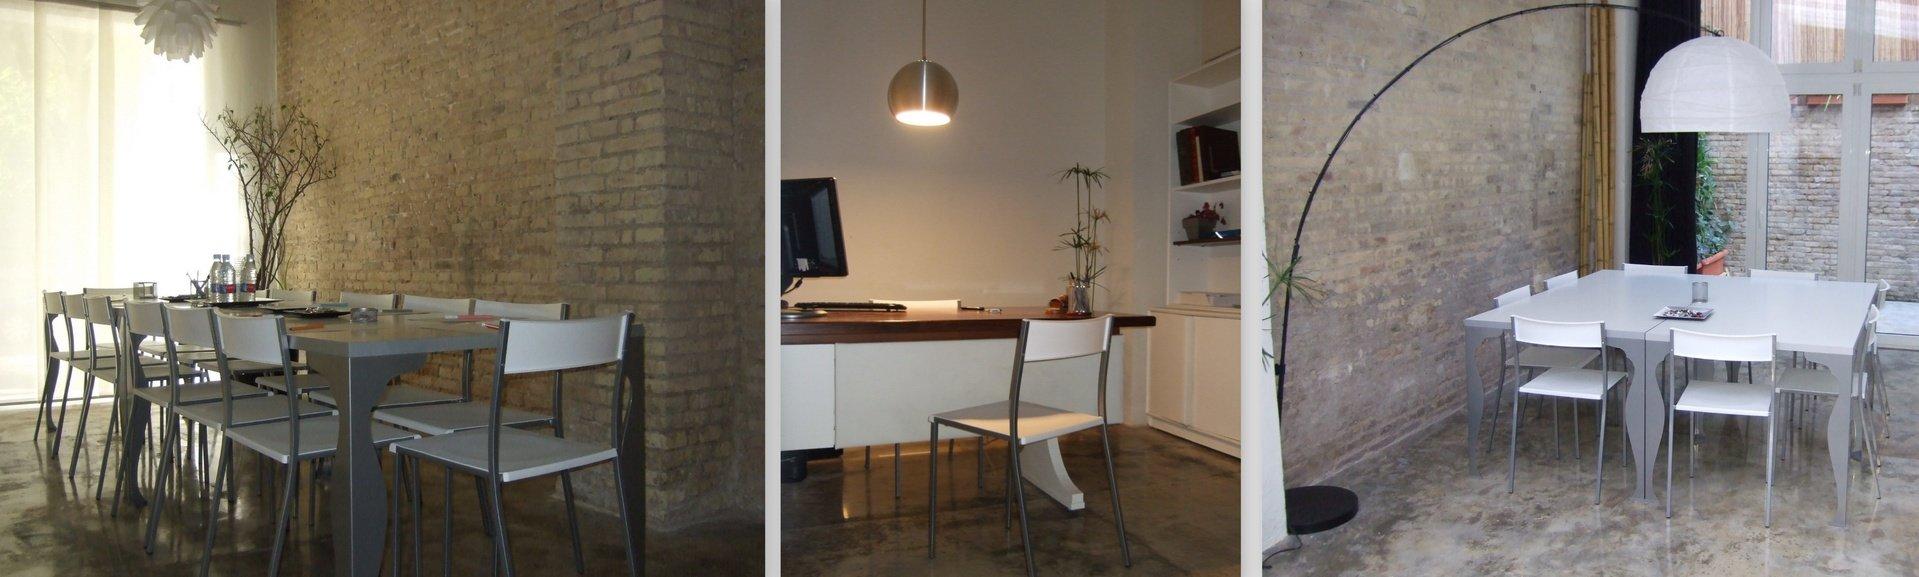 Autres villes training rooms Espace de Coworking CoworkingValencia image 0